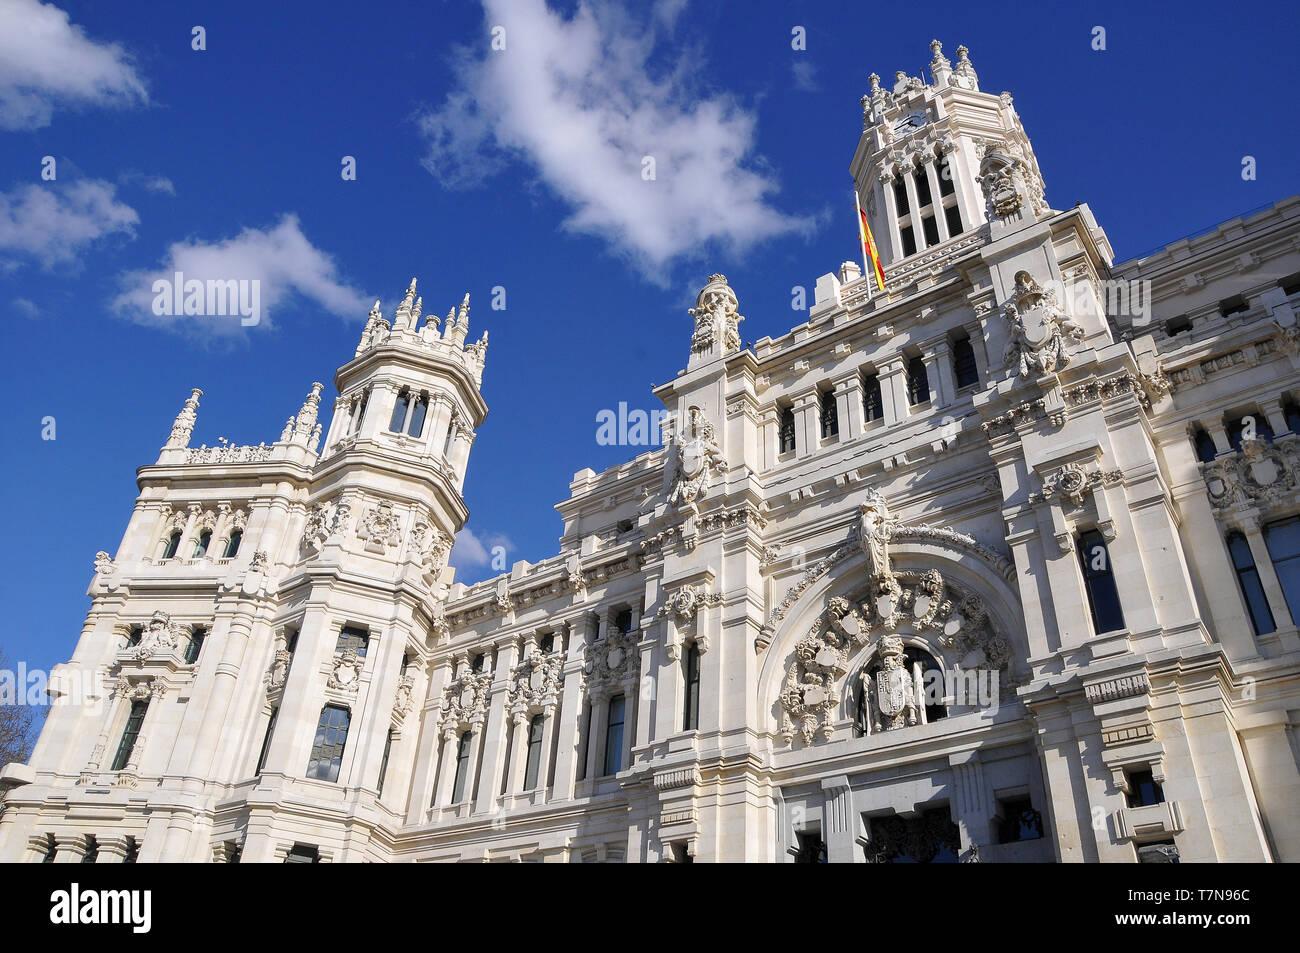 Palacio de Comunicaciones, Palacio de Cibeles, Cybele Palace, Madrid, Spain - Stock Image